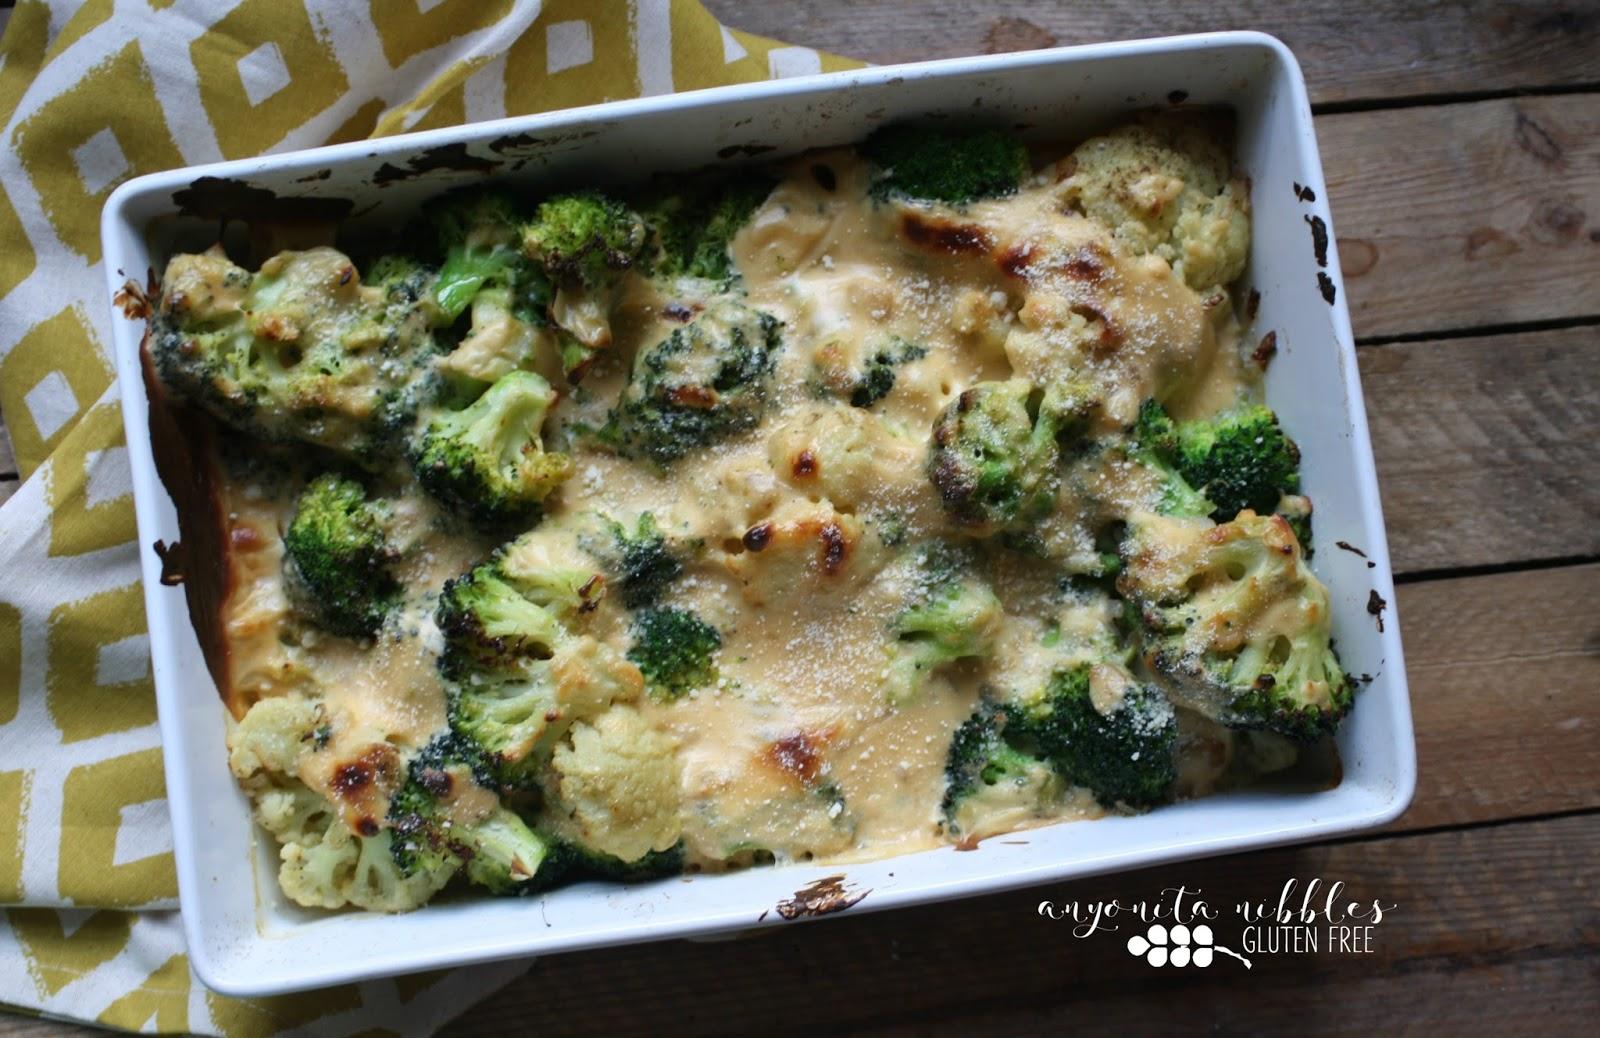 Gluten Free Chicken Broccoli Casserole Recipes